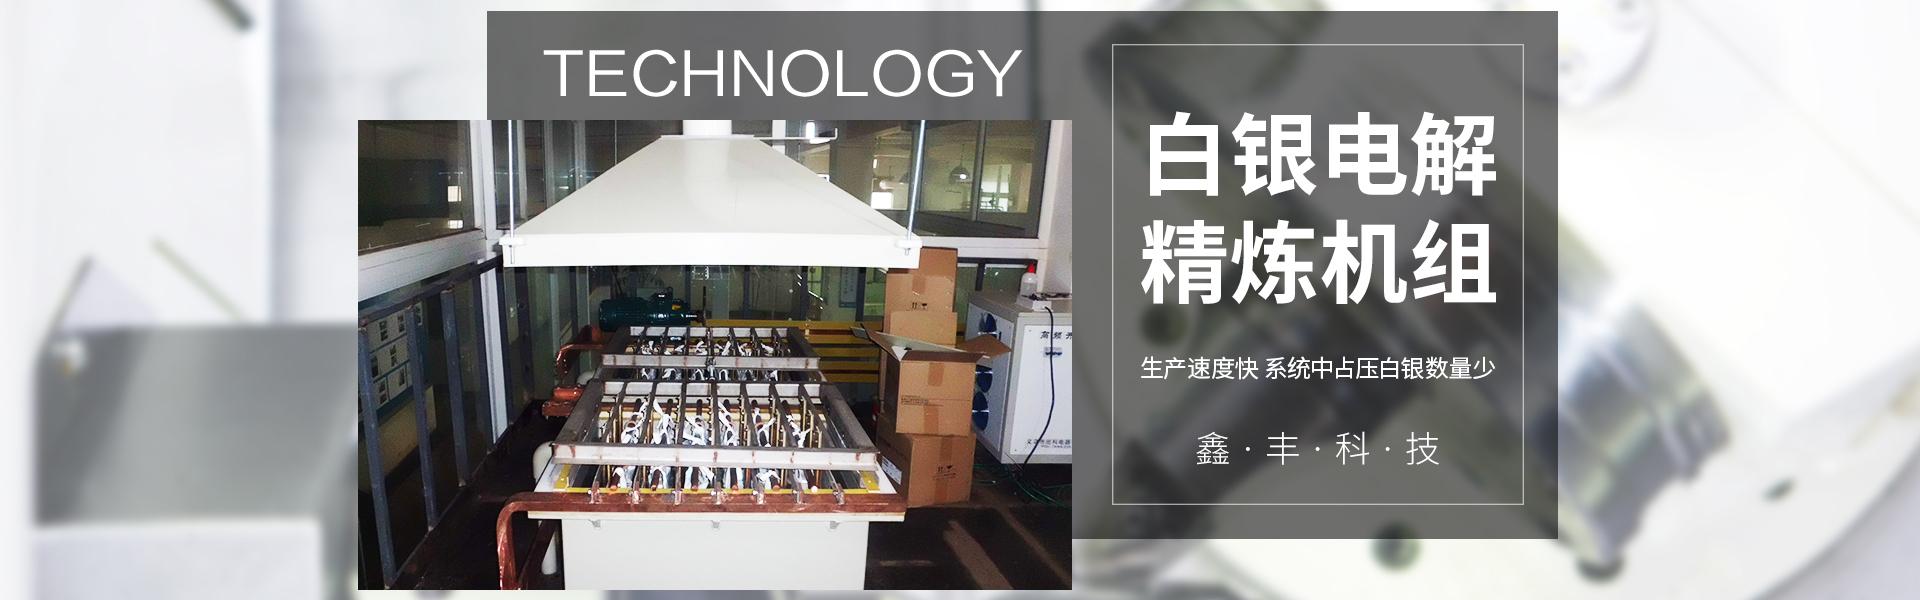 肇庆市鑫丰科技有限公司是一家专注于烘干机械设备研发、制造、销售于一体的专业公司。